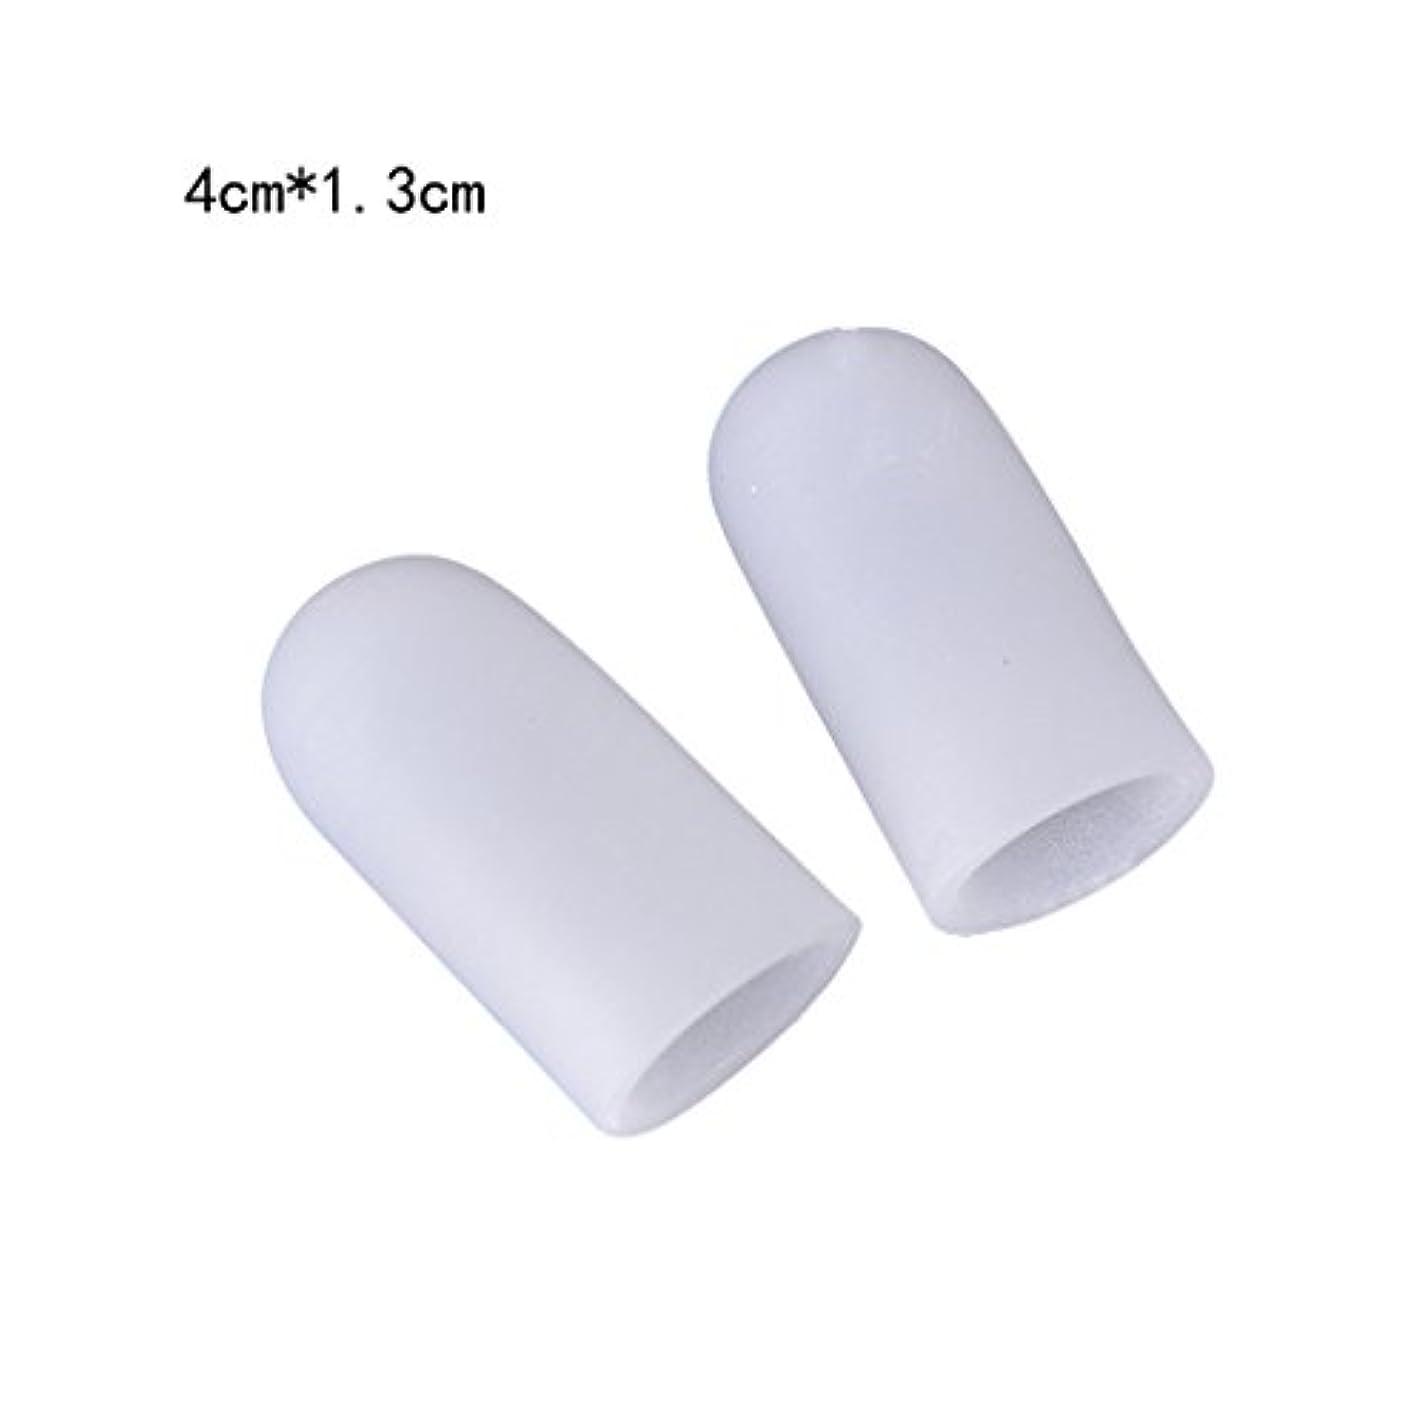 金銭的挨拶節約するYOKEL 足指保護キャップ つま先プロテクター 足先のつめ保護キャップ シリコン (S)